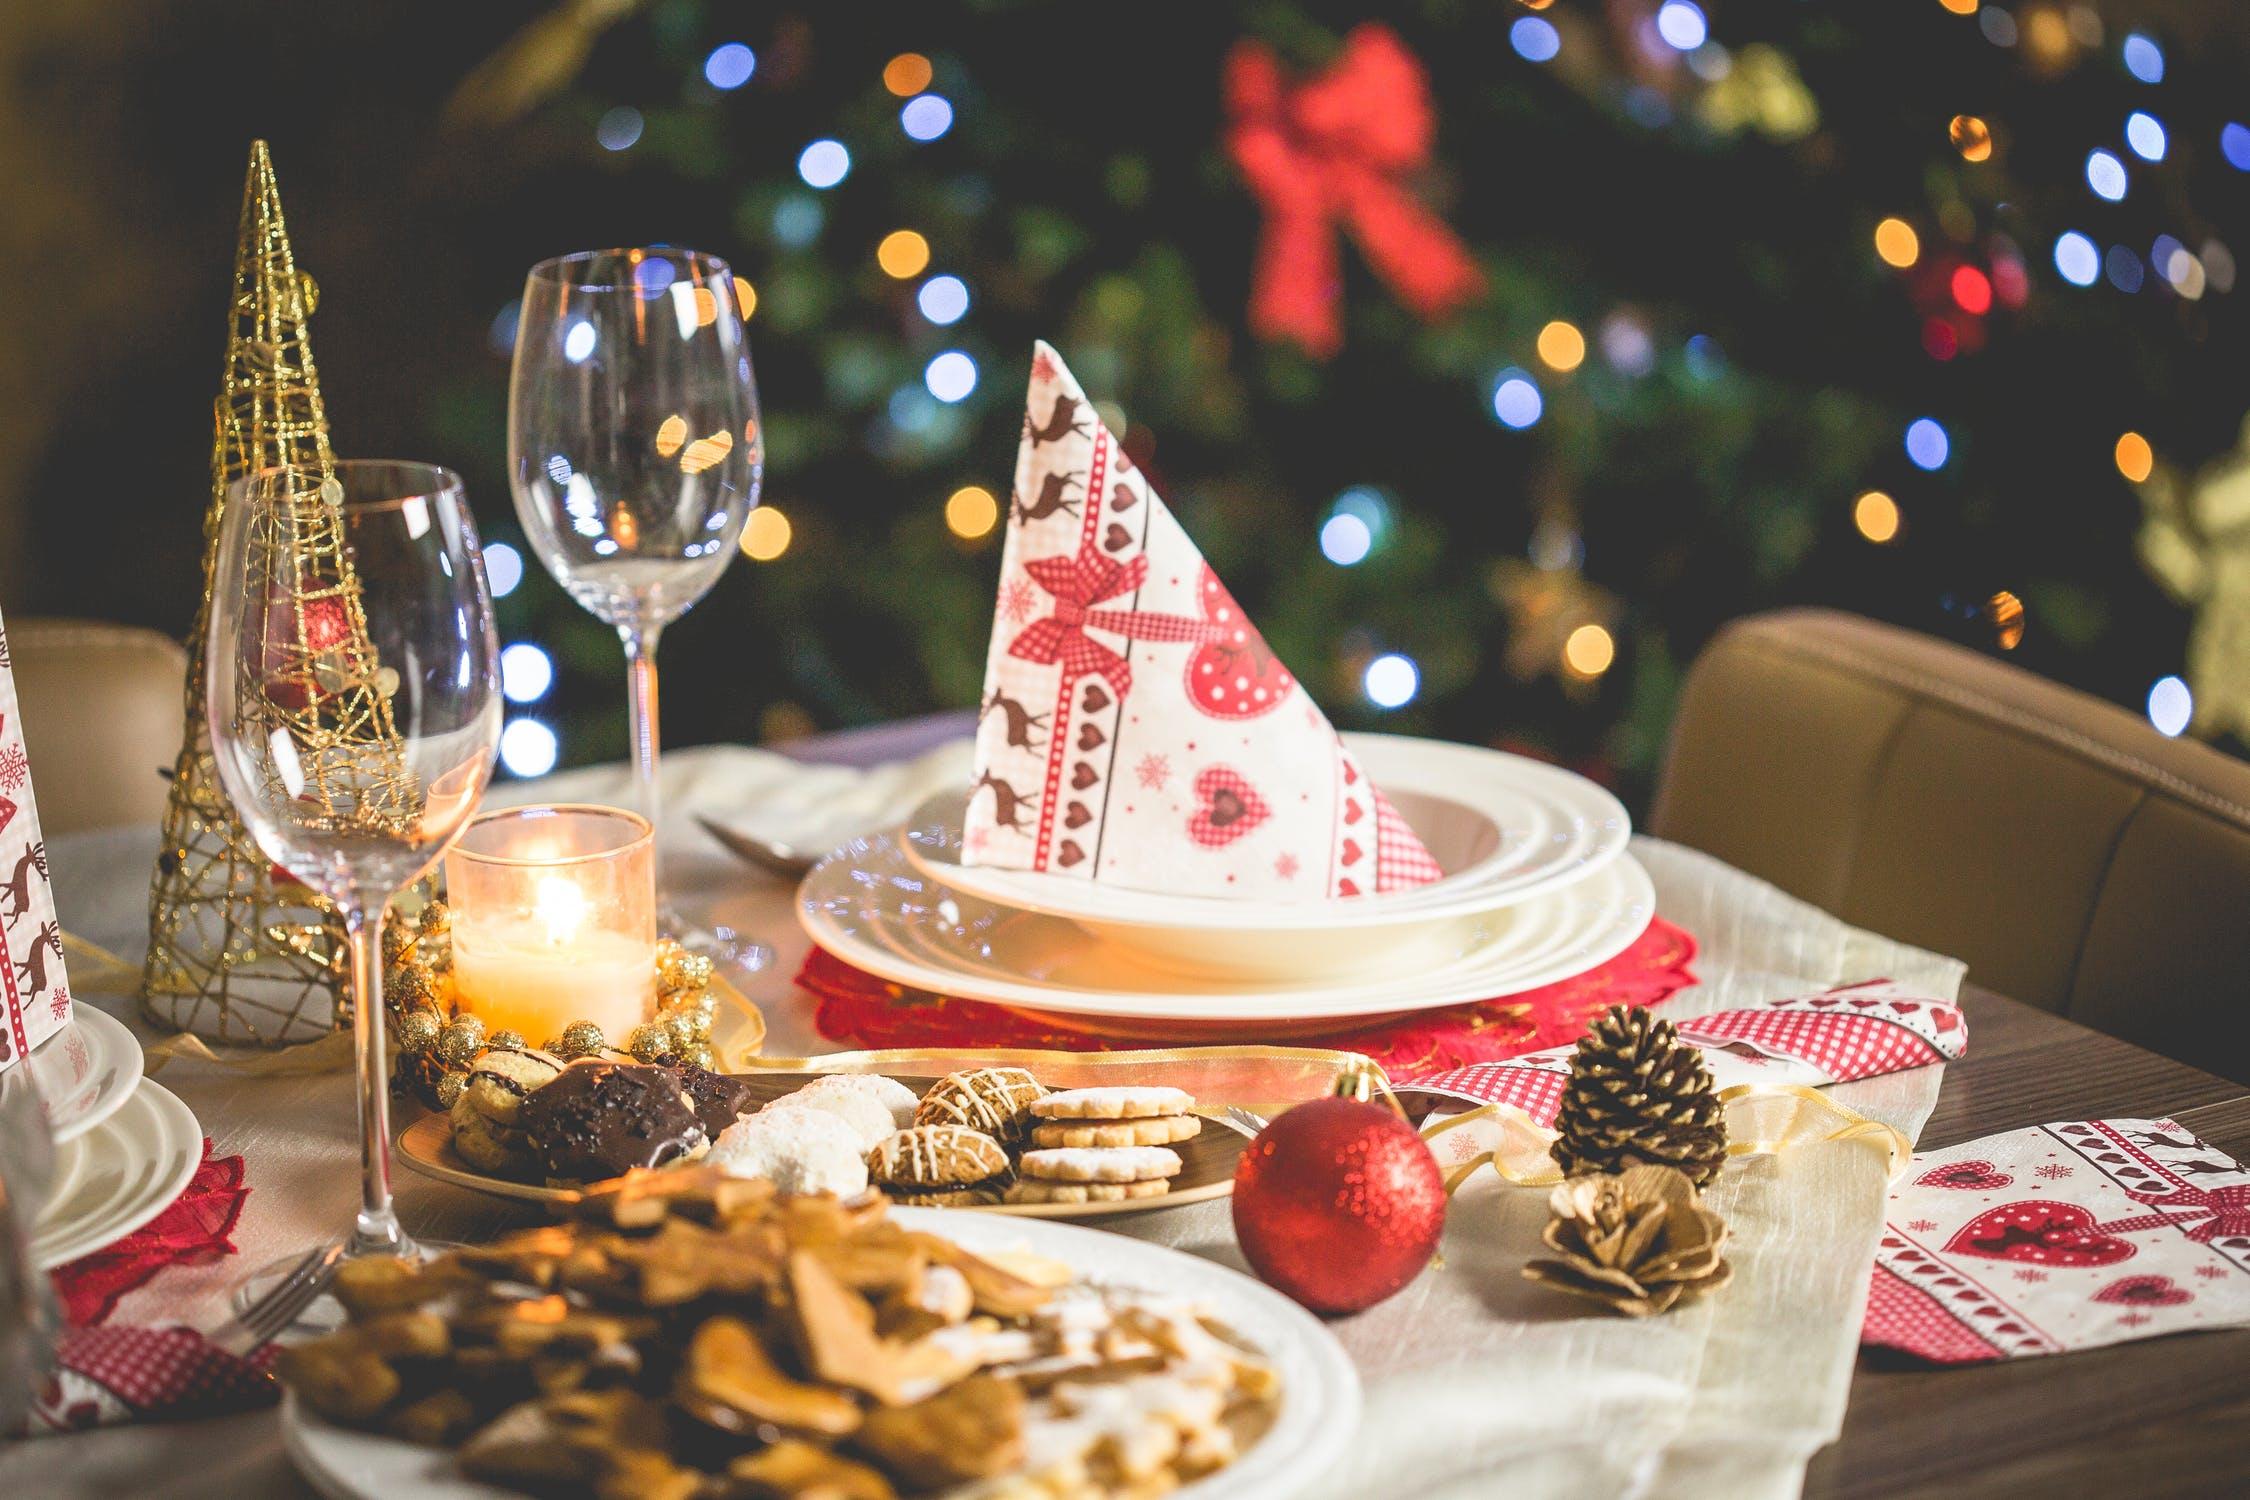 Διατροφή κατά την περίοδο των Χριστουγέννων